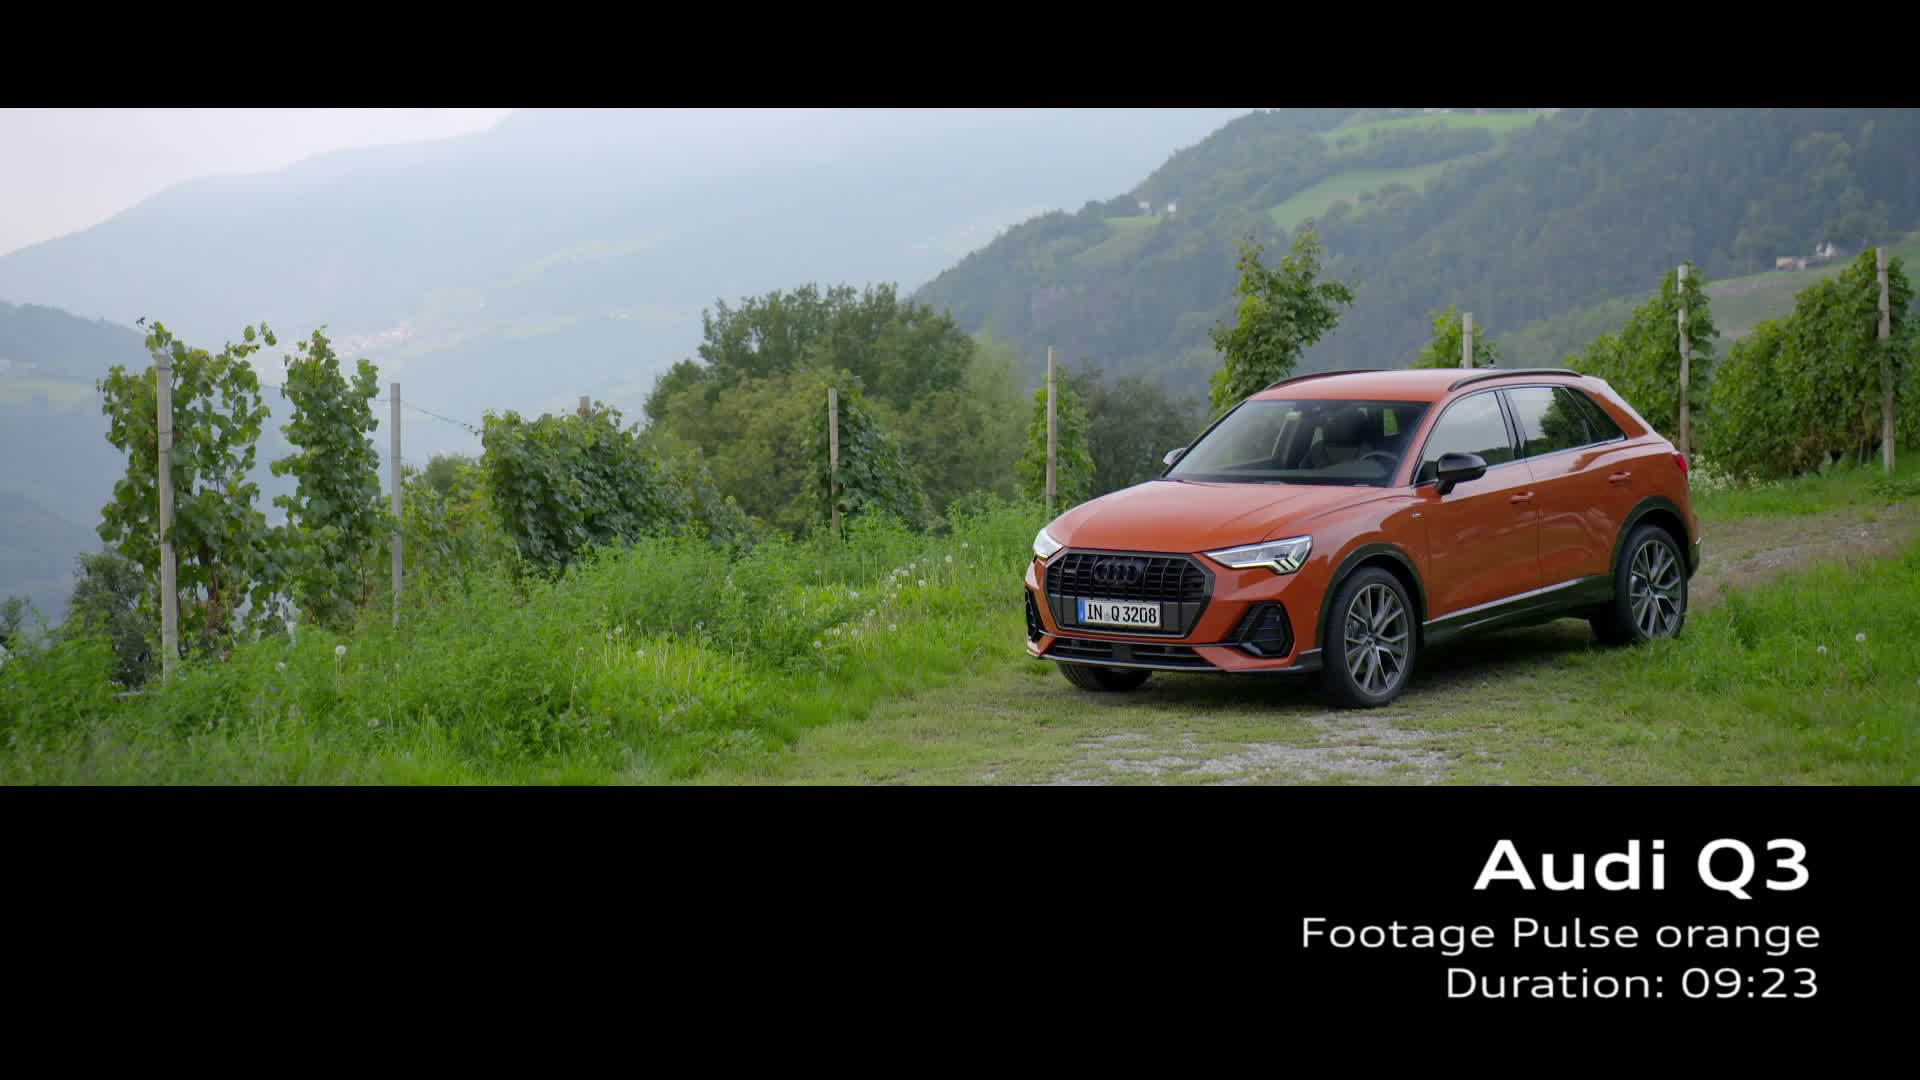 Audi Q3 Footage Pulse orange (2018)